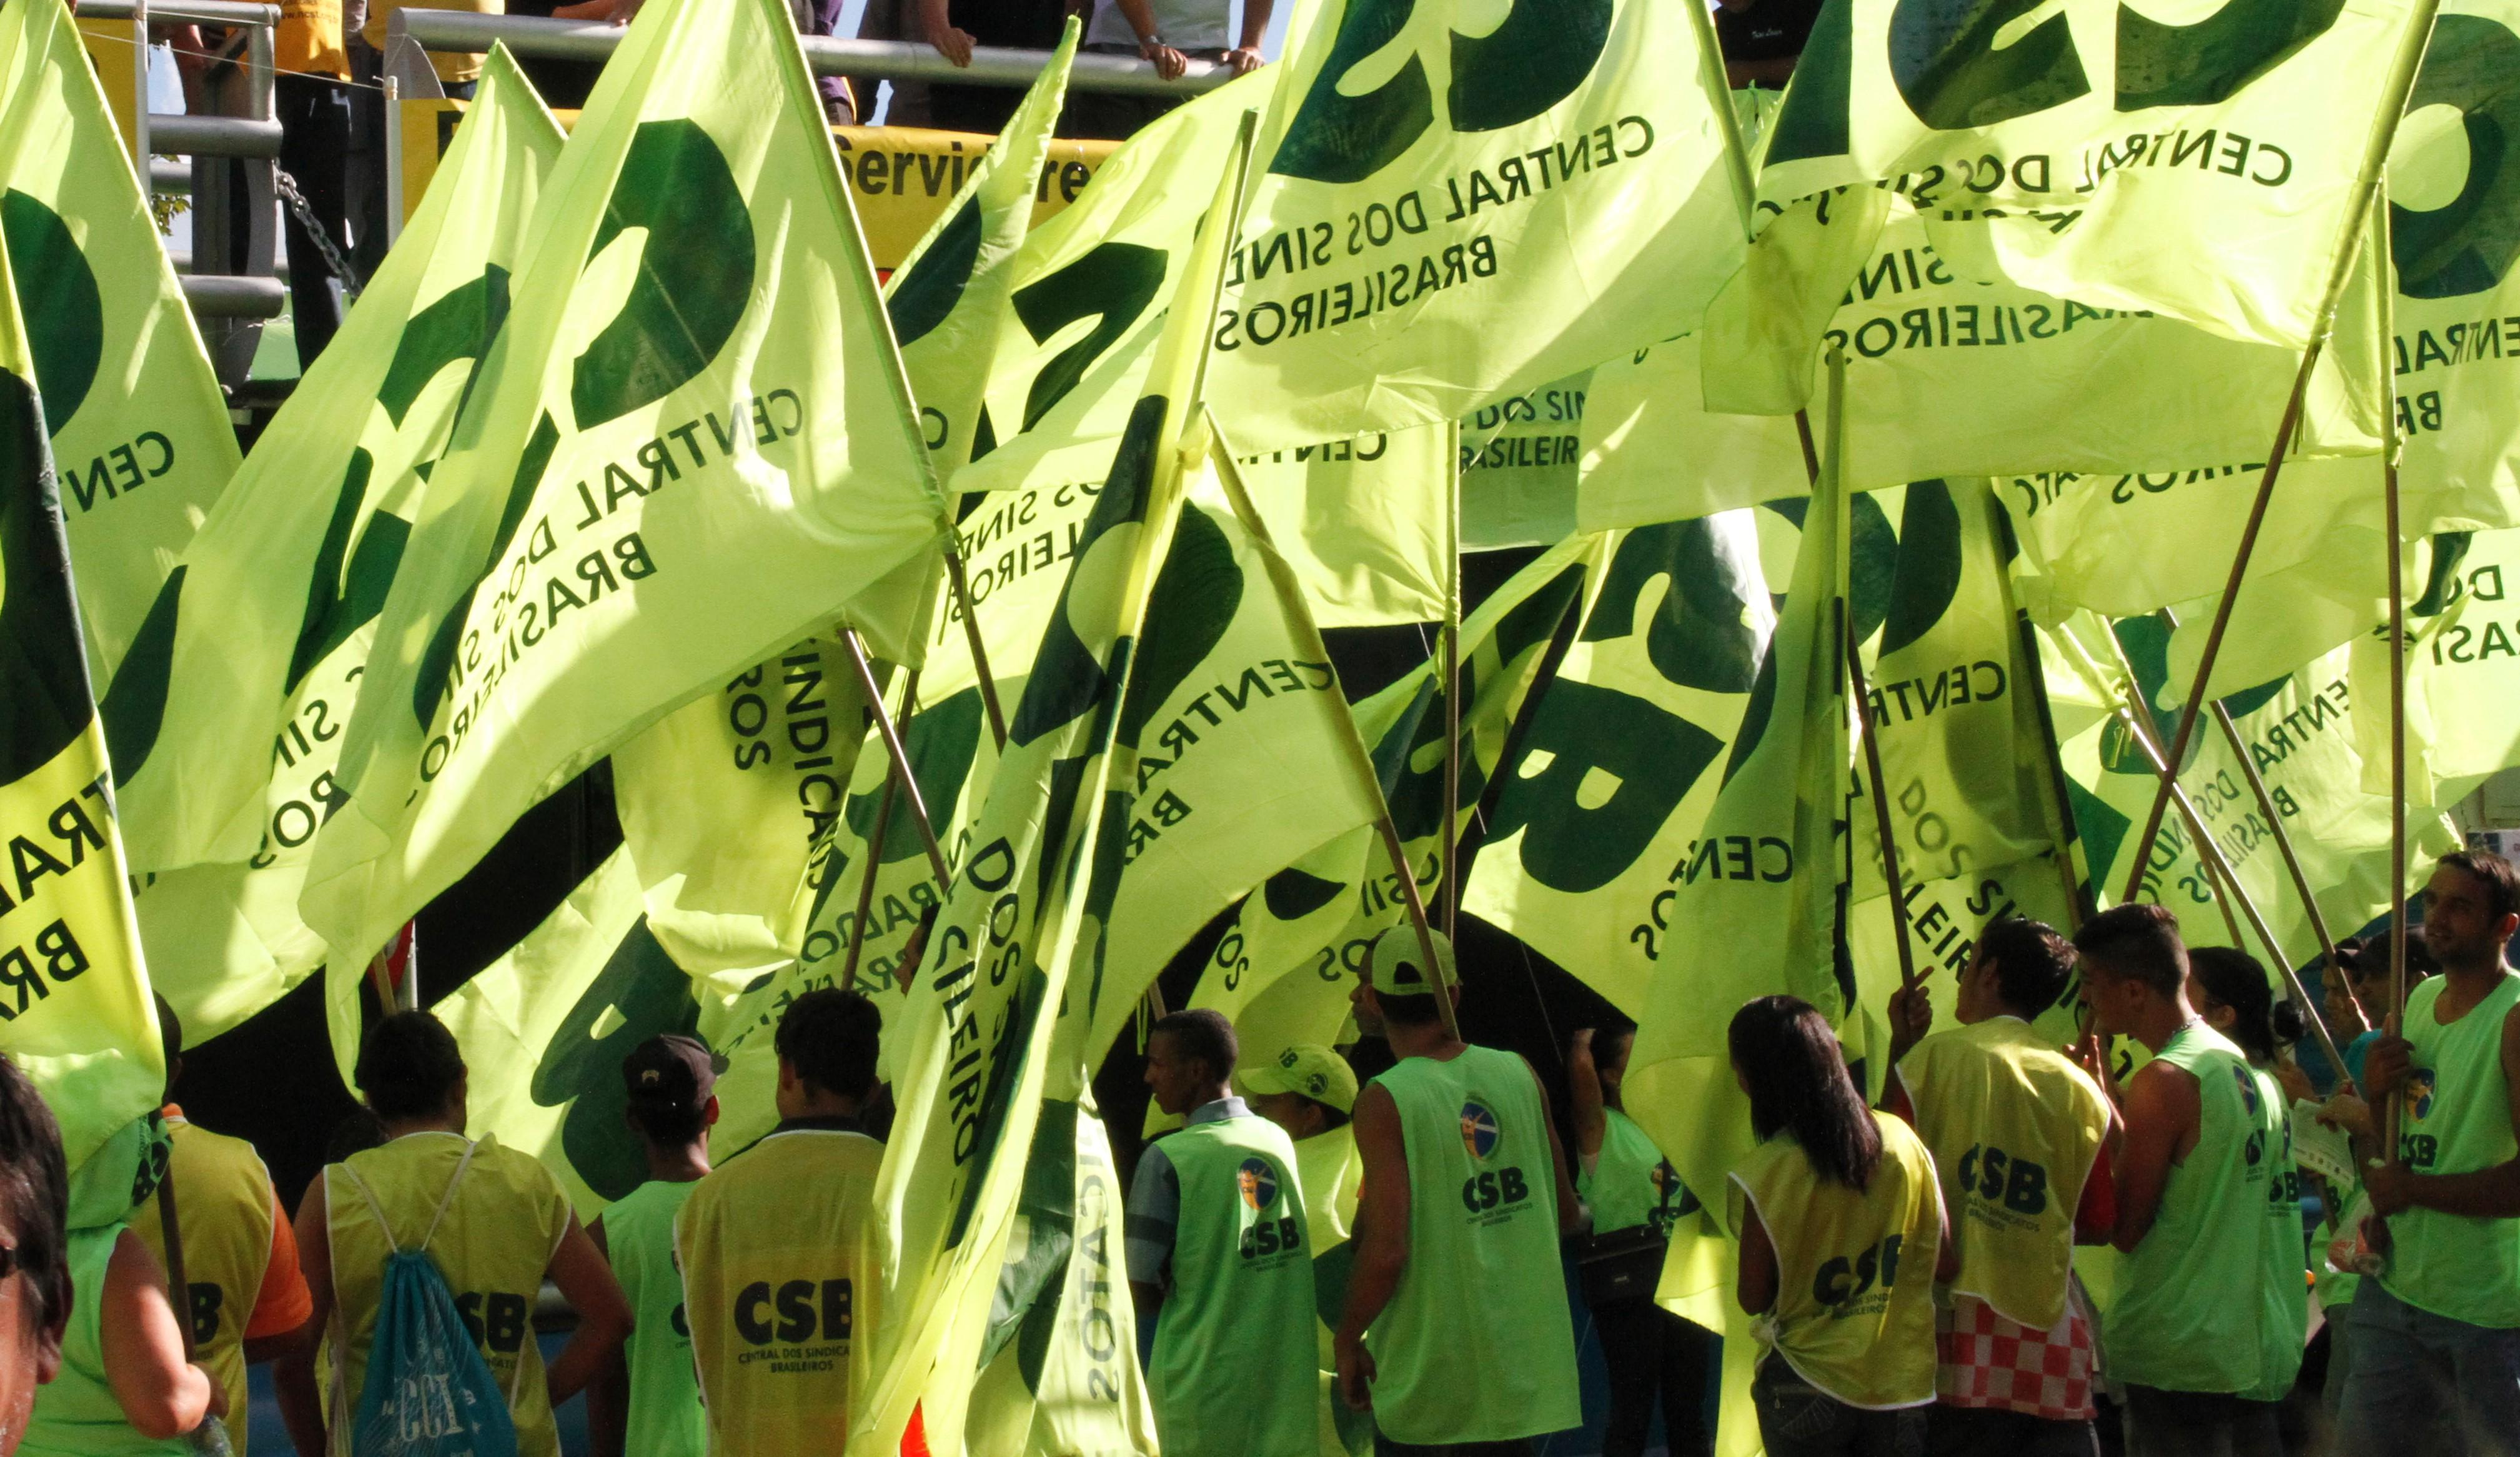 Seccional Minas Gerais da CSB conclama base para atos do Dia do Trabalhador